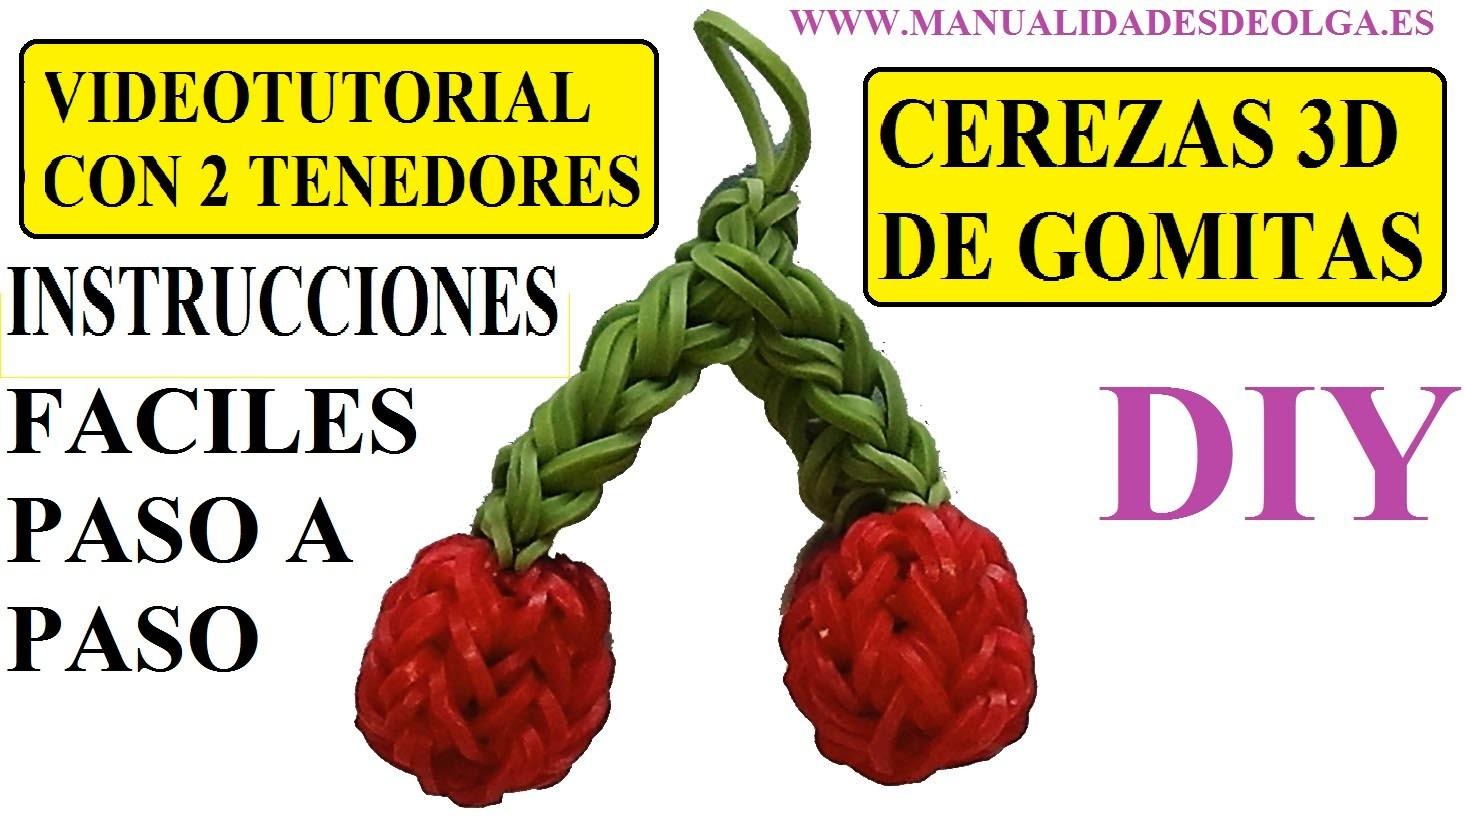 COMO HACER UNAS CEREZAS 3D DE GOMITAS (LIGAS) CON DOS TENEDORES. VIDEOTUTORIAL (CHERRY CHARM)